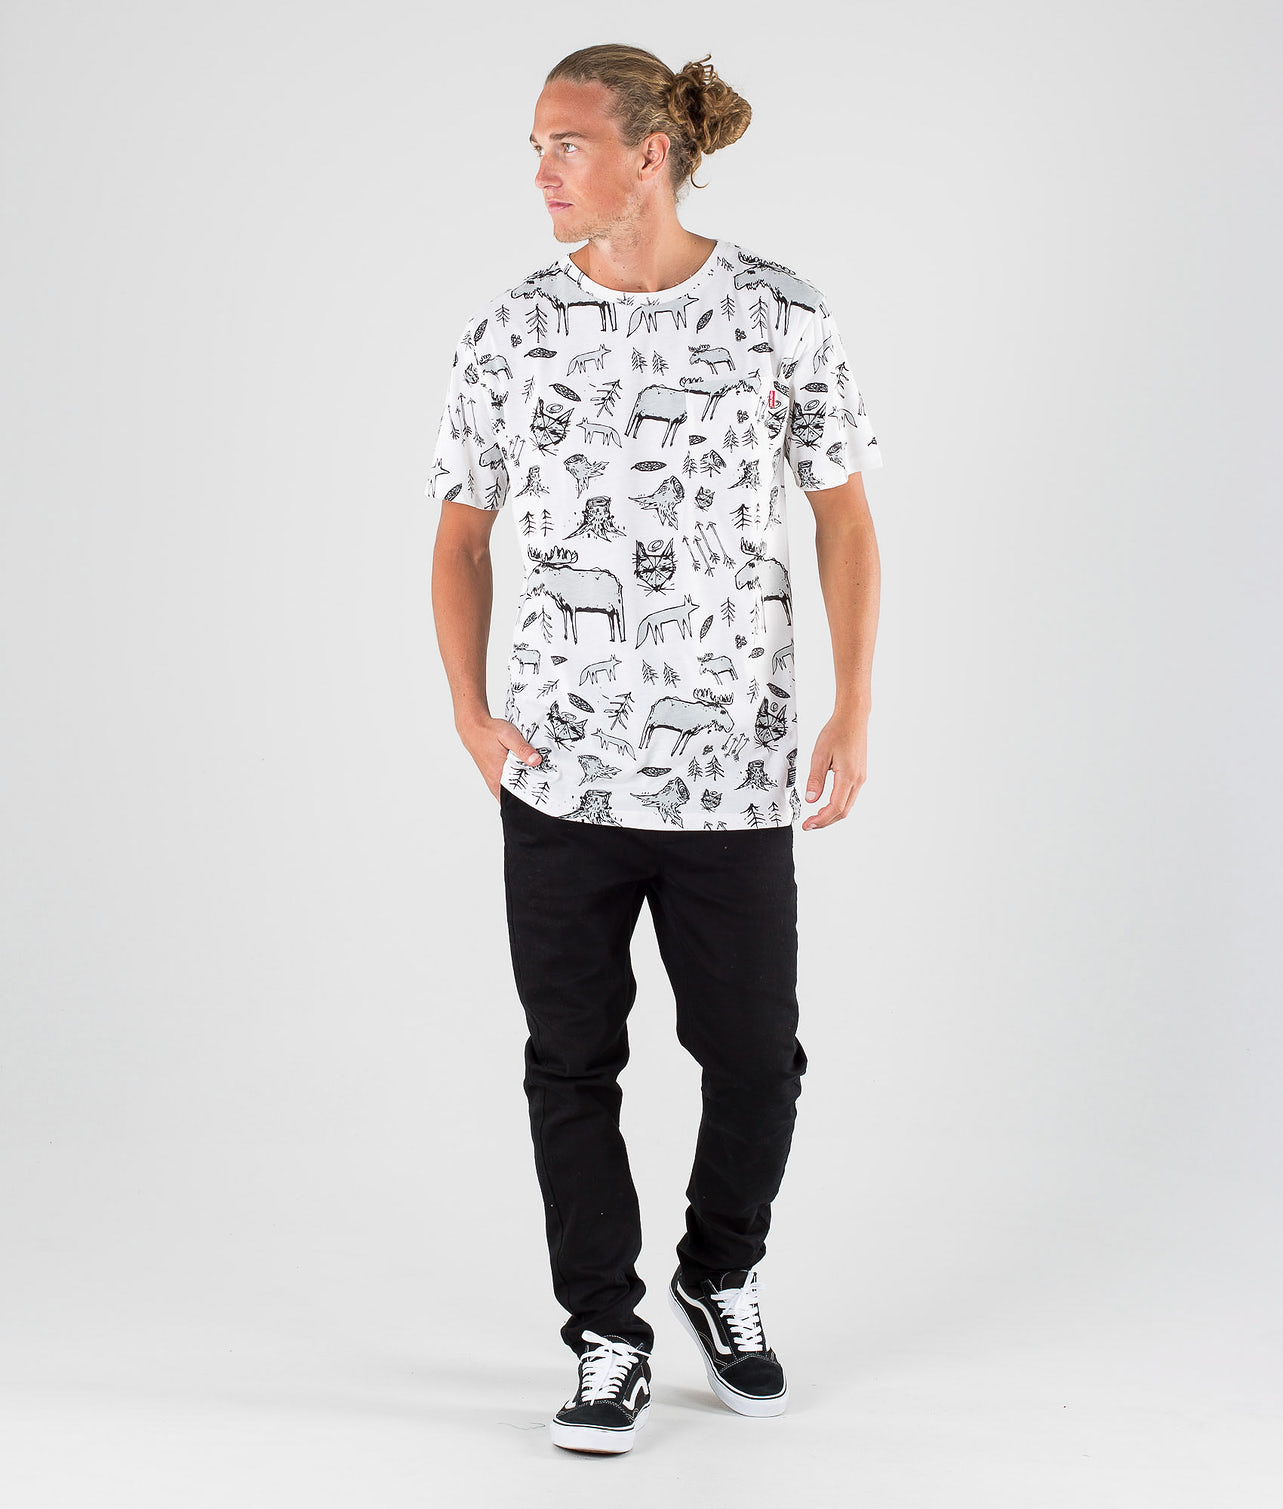 Kjøp Animal Pocket T-shirt fra SQRTN på Ridestore.no - Hos oss har du alltid fri frakt, fri retur og 30 dagers åpent kjøp!